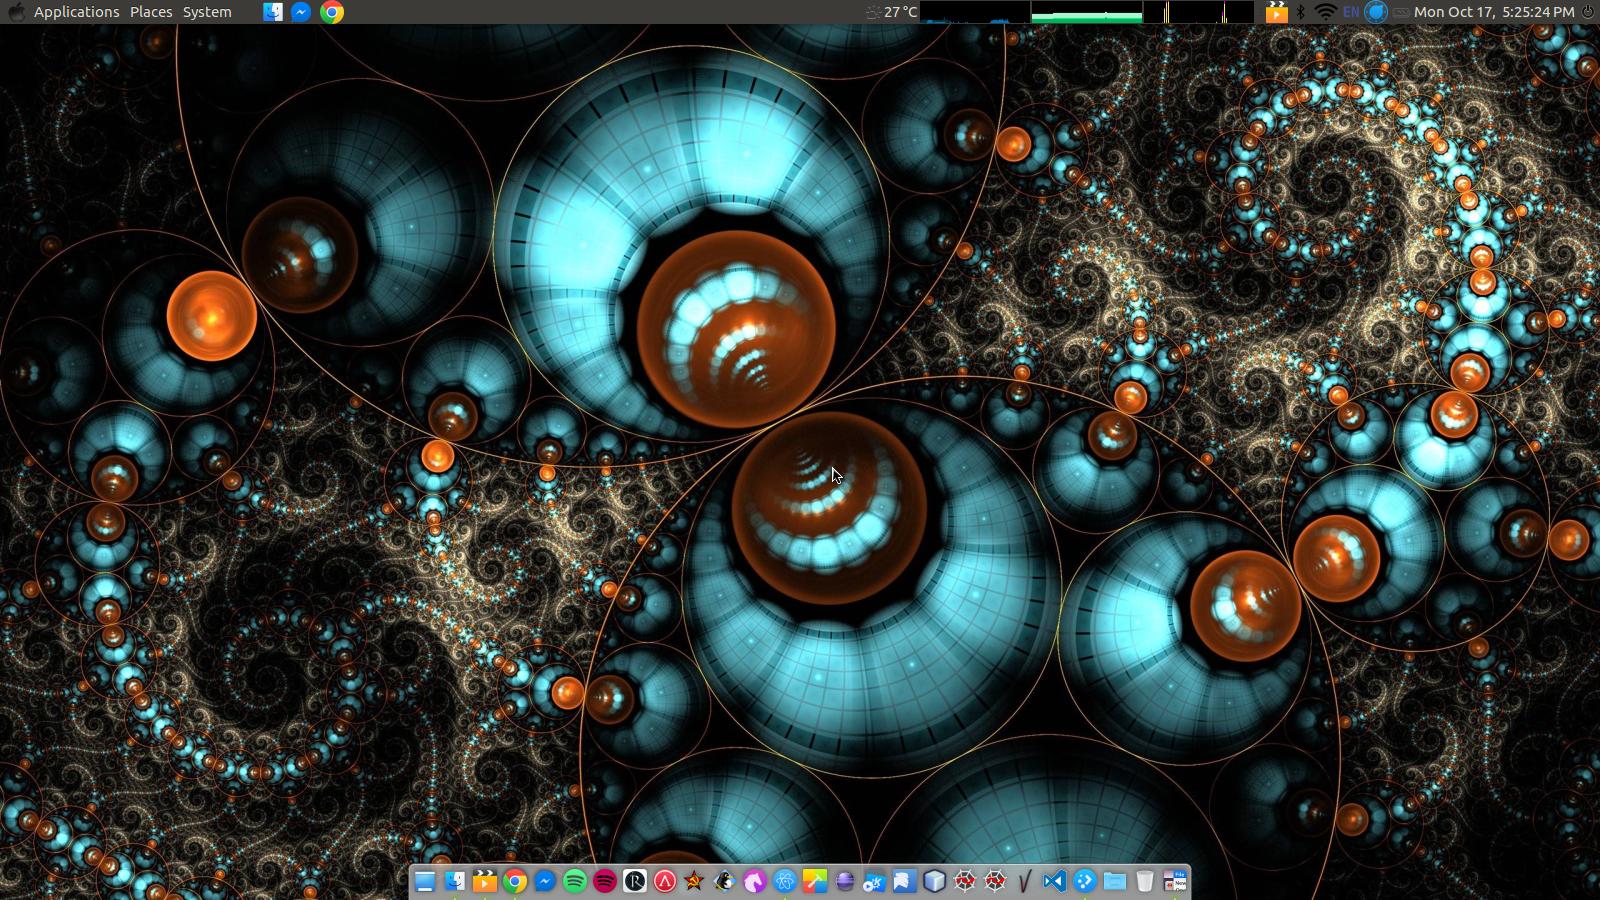 My Ubuntu 16.04 MATE desktop.